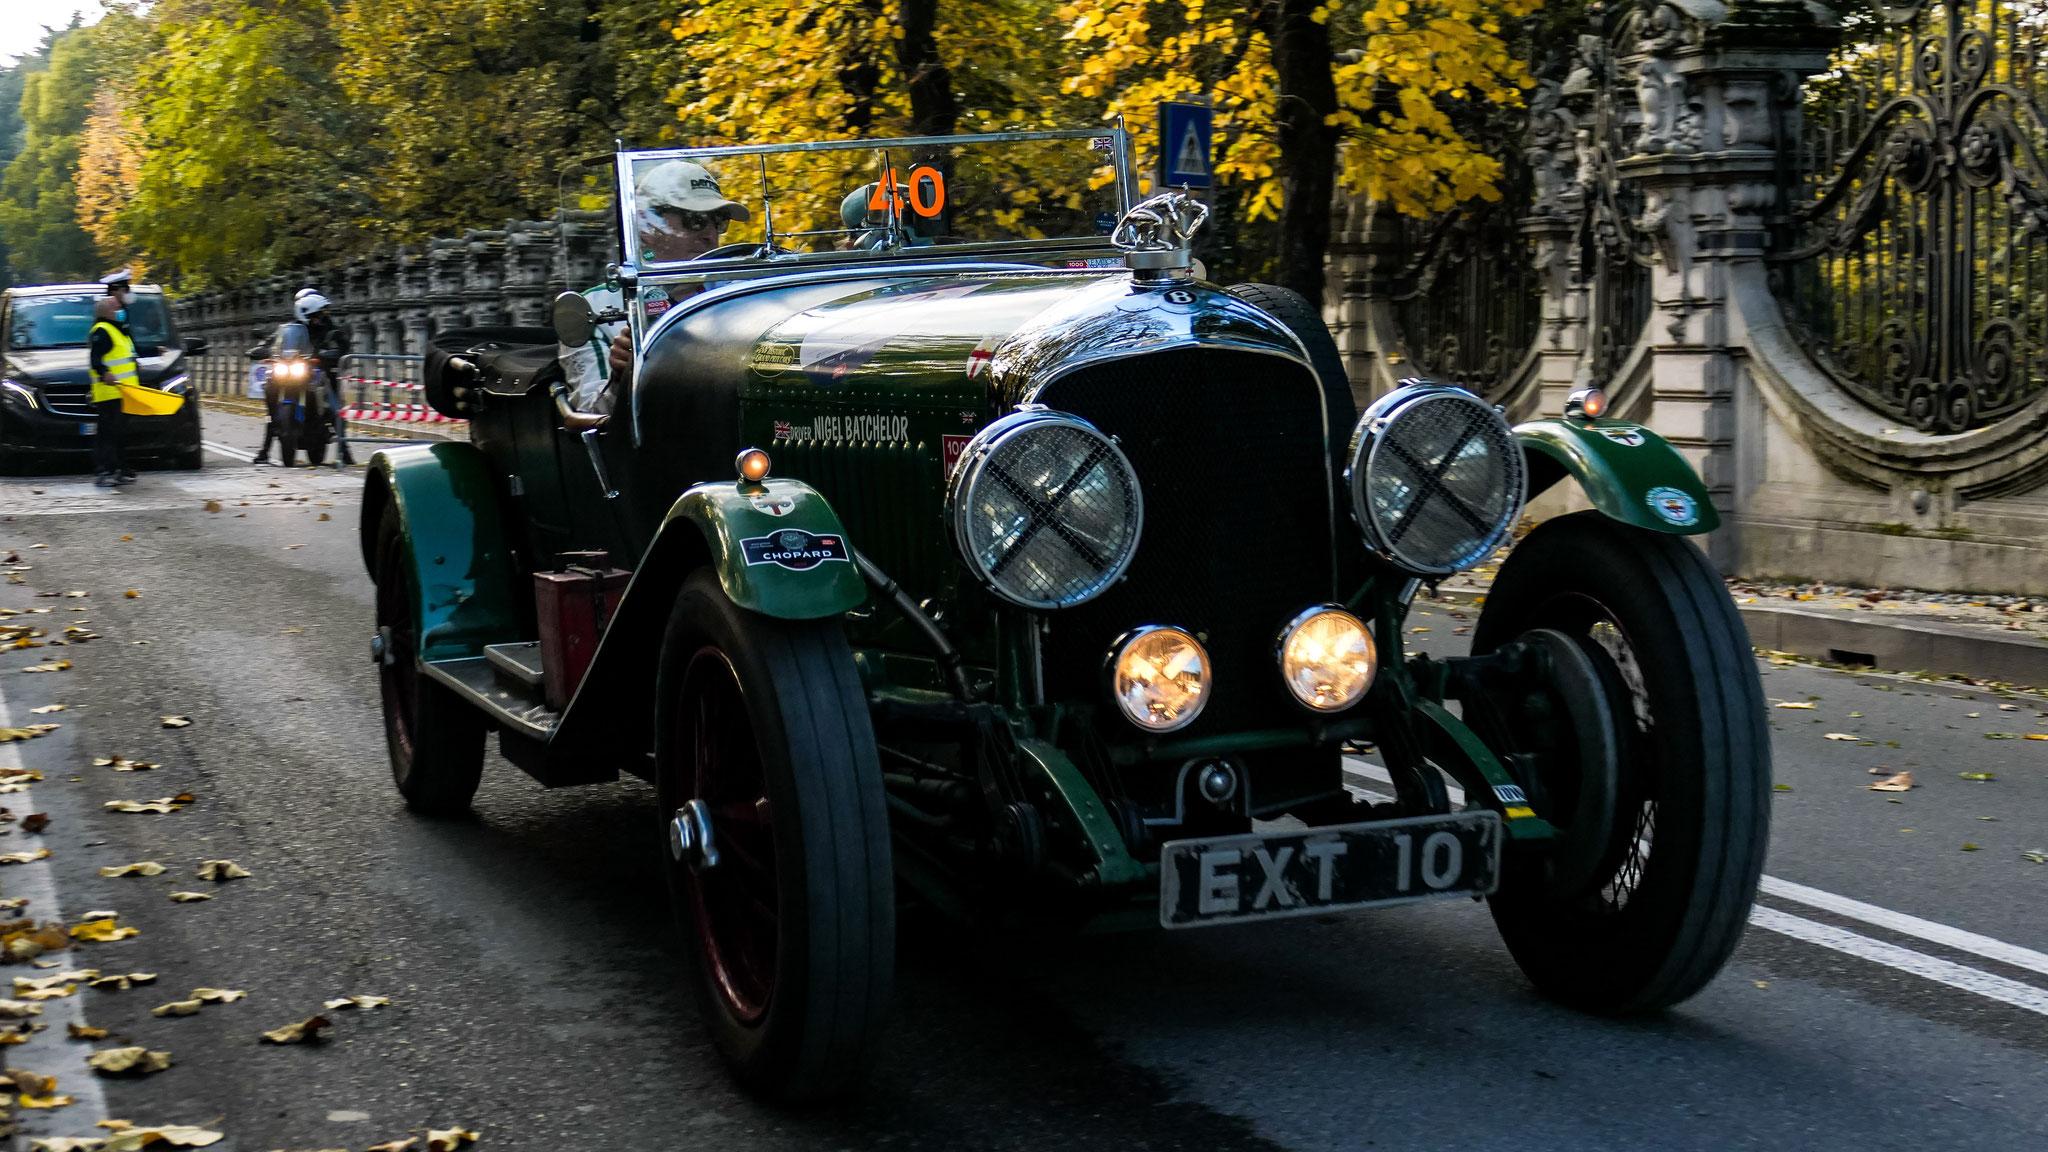 Bentley 4 1/2 Litre - EXT-10 (GB)